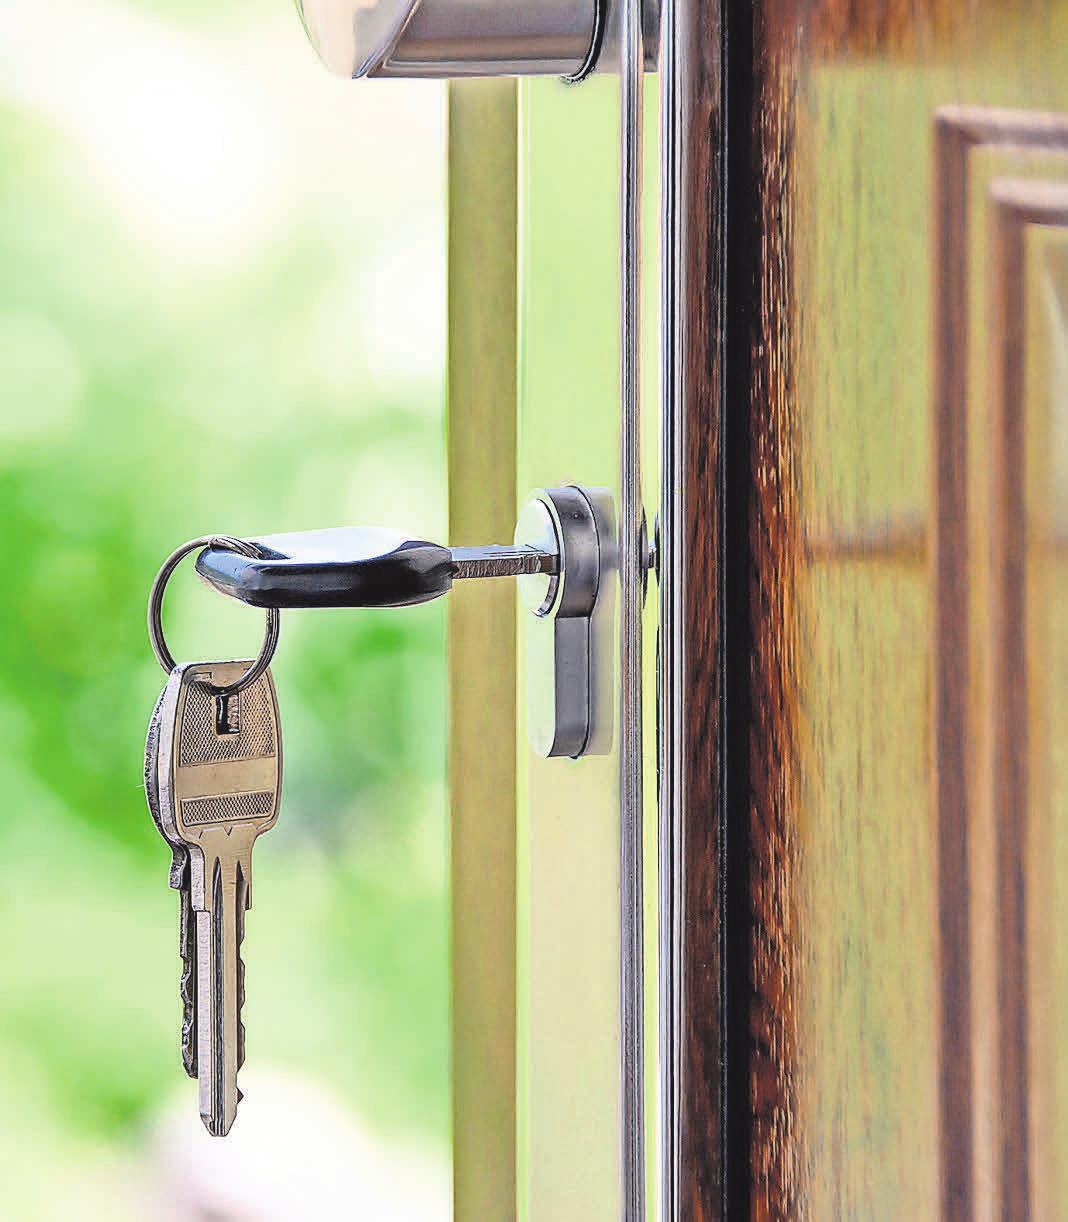 Mit moderner Haustürtechnik sind herkömmliche Schlüssel nicht mehr nötig. Foto: Pexels.com